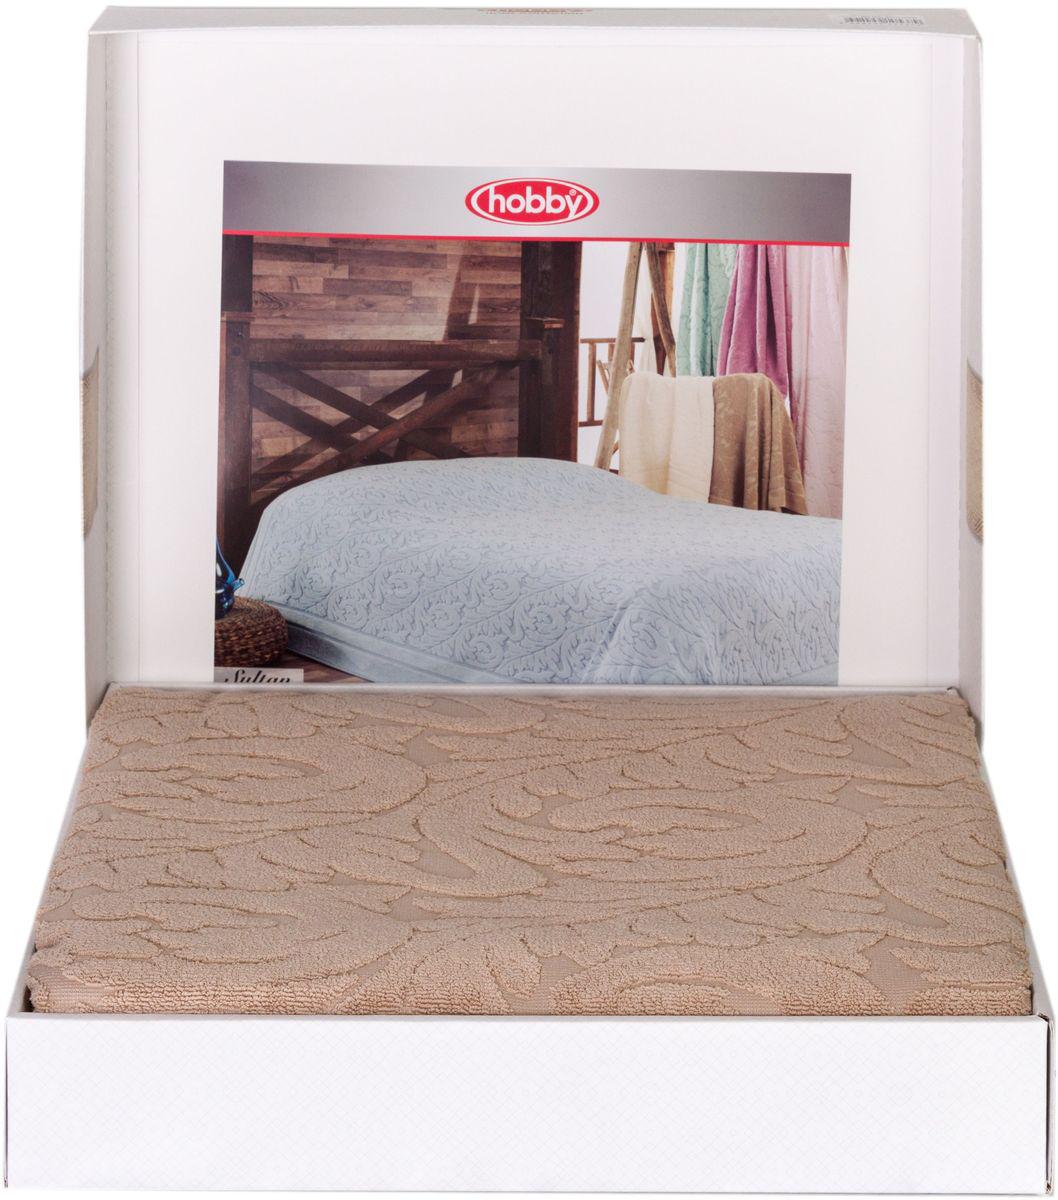 Покрывало Hobby Home Collection Sultan, 200х220см, цвет: бежевый1501001006Шикарное махровое одеяло - покрывало для лета из 100% хлопка высшей категории. Незаменимый вариант для комфортного сна летом, а так же для теплых спален в зимний период. Легкое и мягкое с красивым жаккардовым рисунком и декоративным бордюром. Оно обладает замечательными дышащими свойствами, нежное и приятное к телу, обеспечивает спокойный и здоровый сон. Данное изделие можно так же использовать в качестве покрывала или простыни. Большая подарочная коробка!